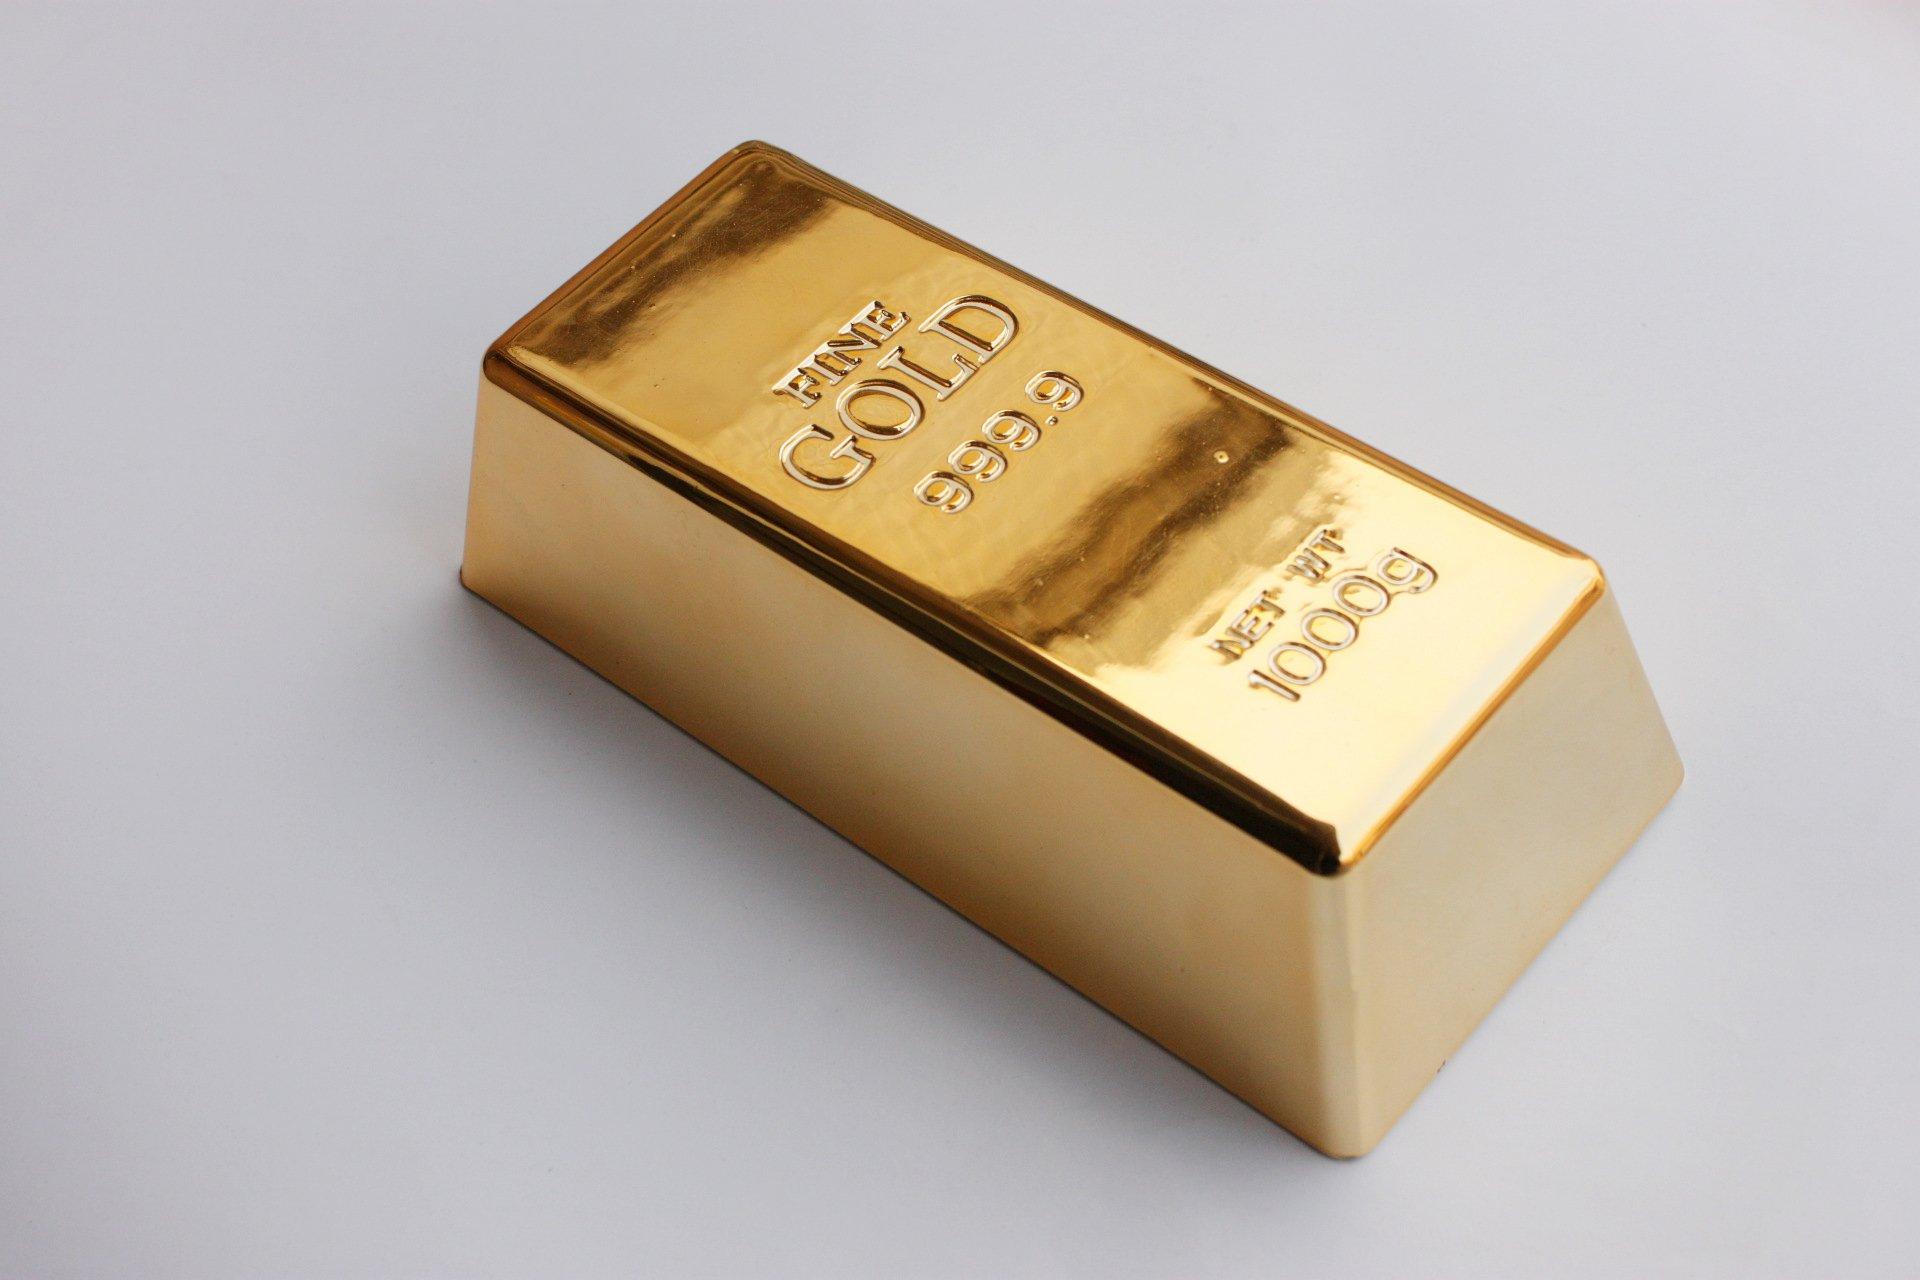 SummitLink Realistic Replica Gold Bar Brick Prop Novelty Gift Joke Doorstop (Solid)